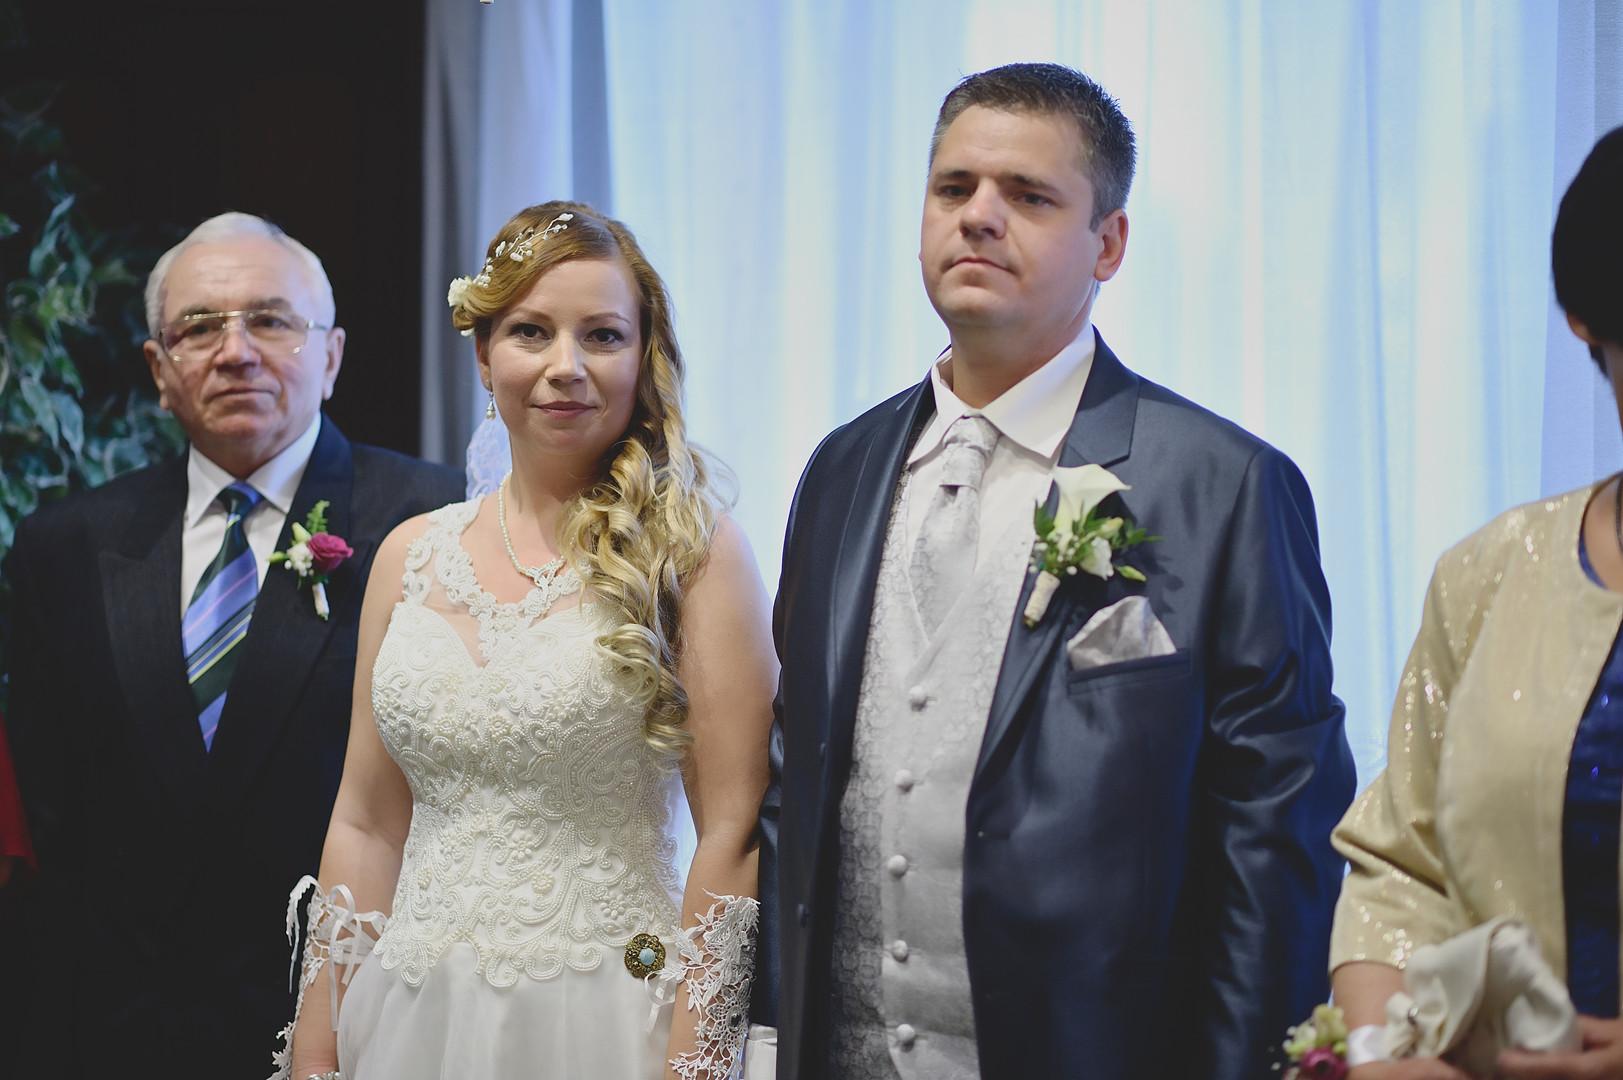 035 Esküvői fotózás - Enikő és Peti.jpg